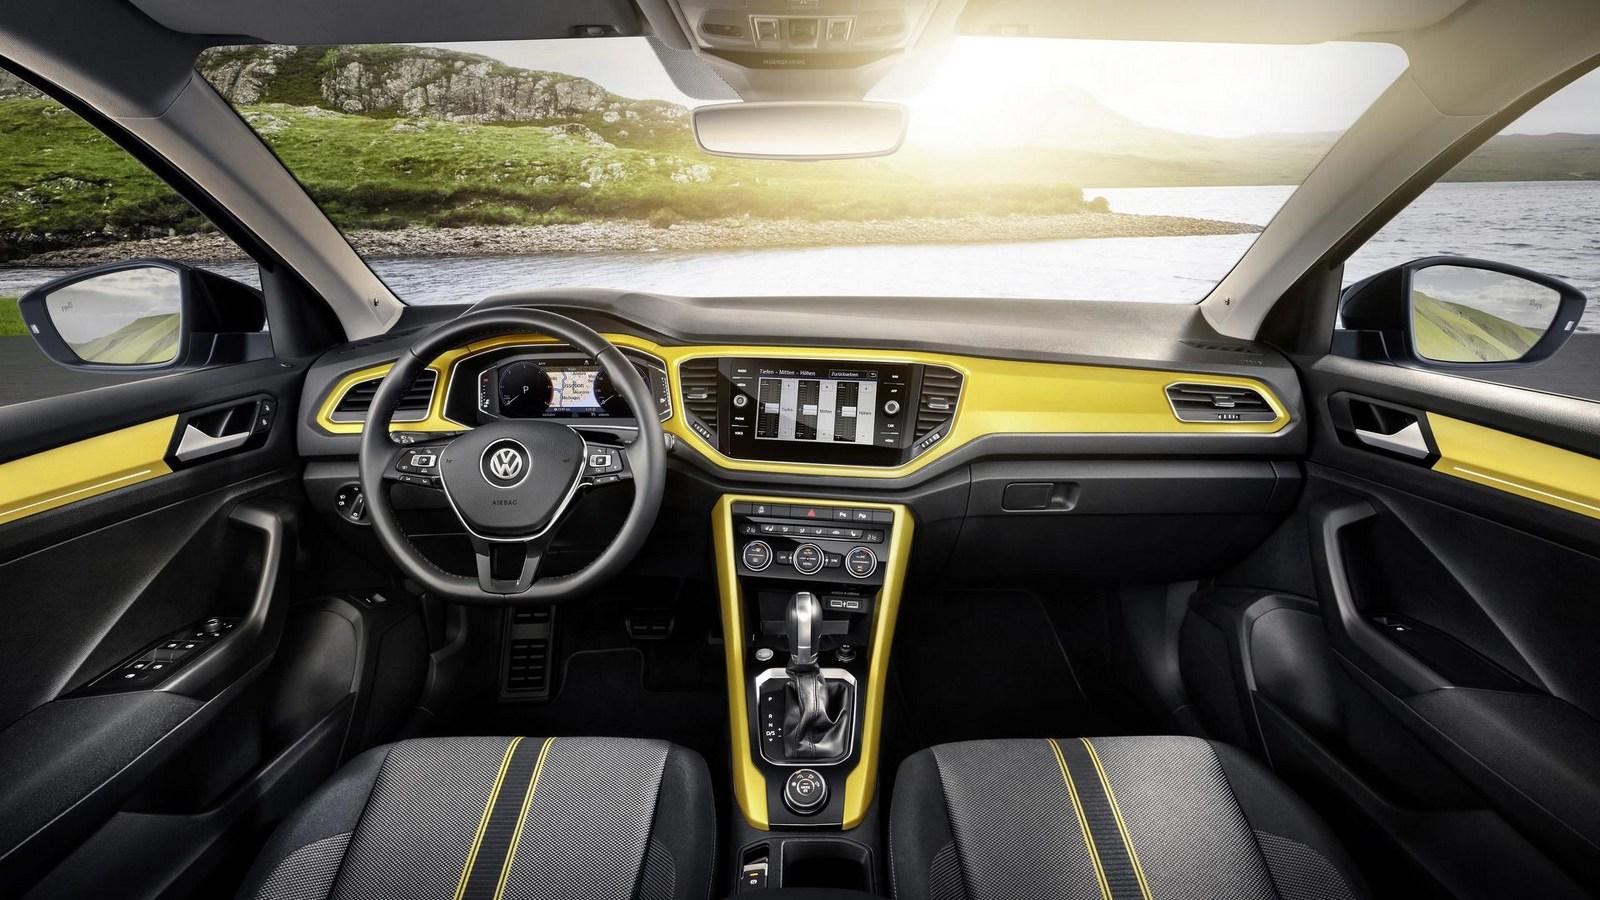 2018_Volkswagen_T-Roc_09